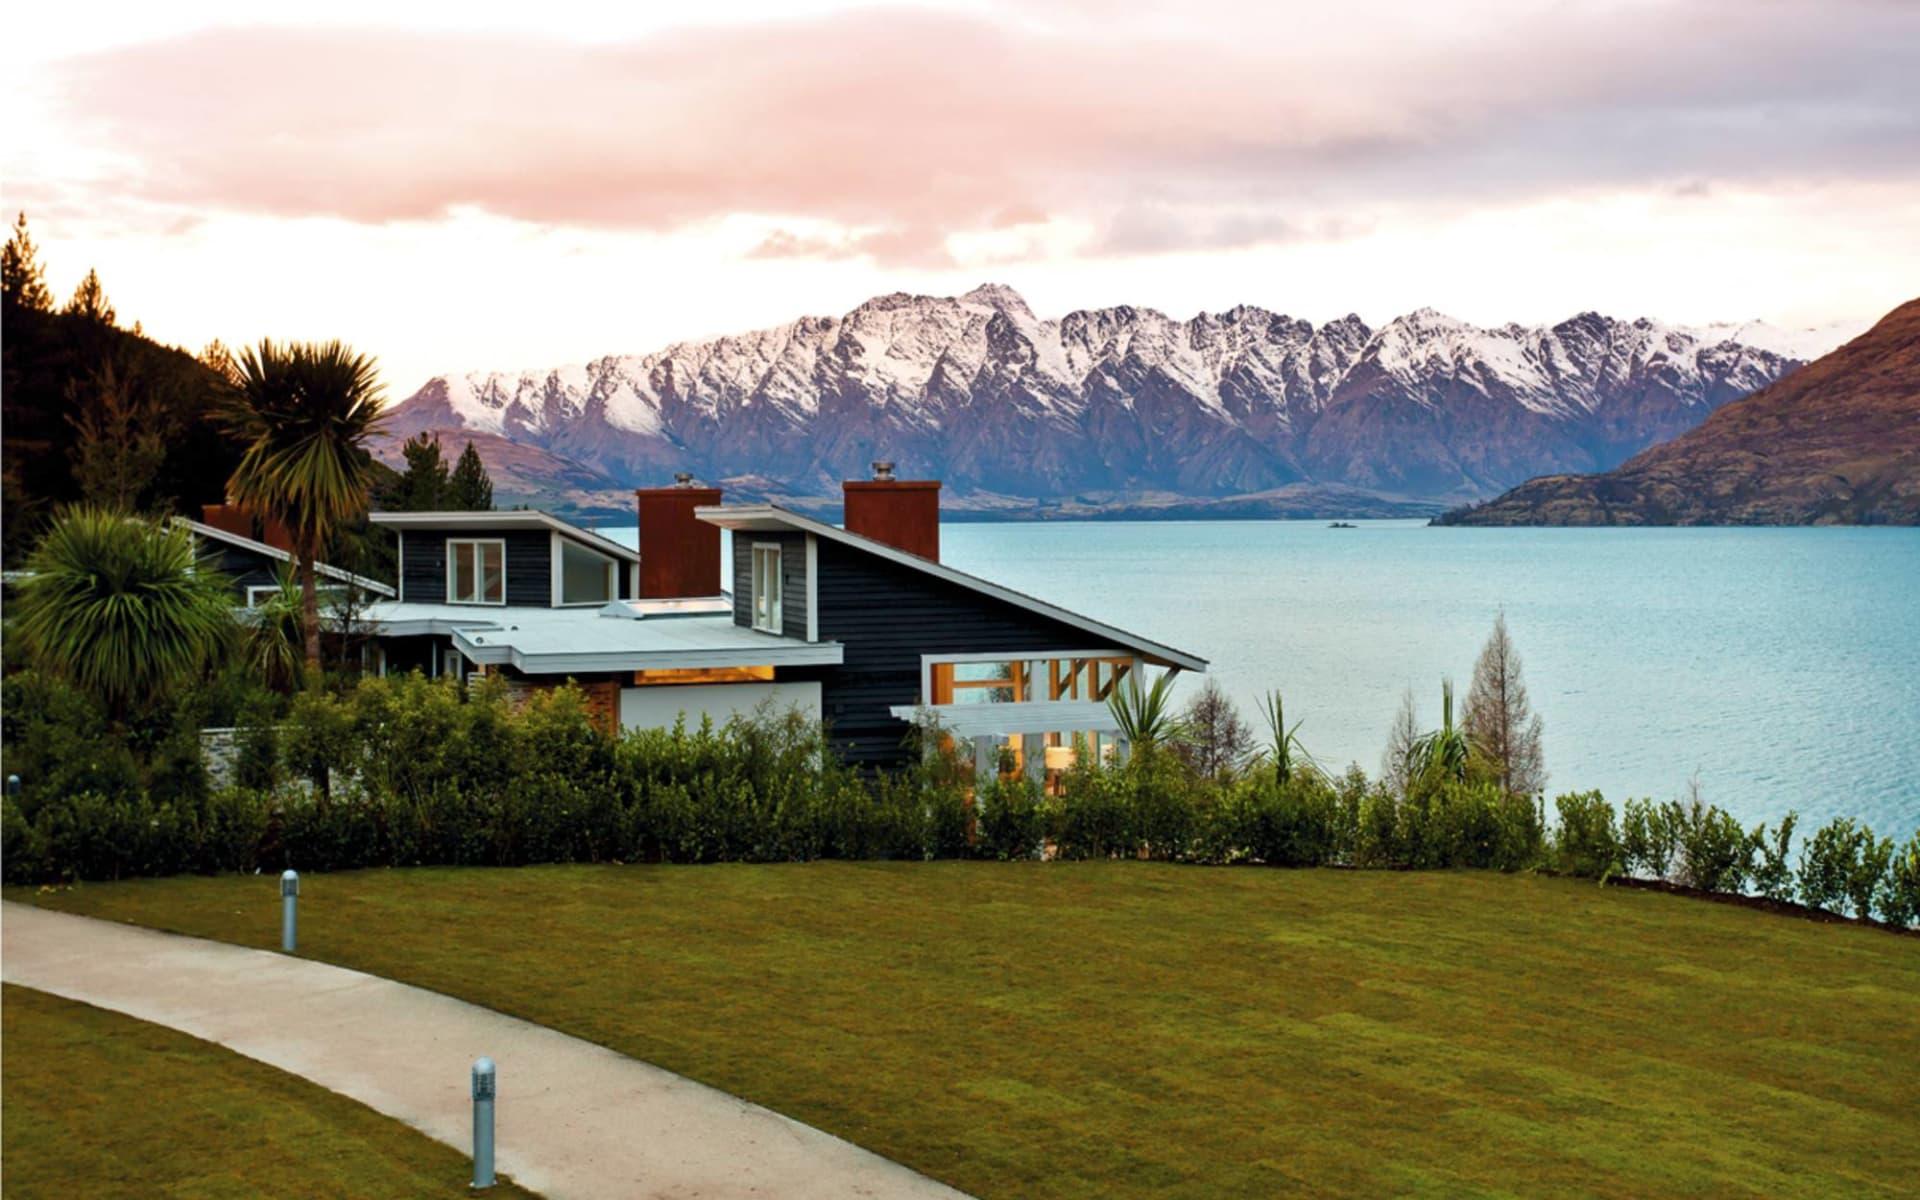 Matakauri Lodge in Queenstown:  Matakauri Lodge - Blick auf Anlage mit Ausblick auf See und Berge